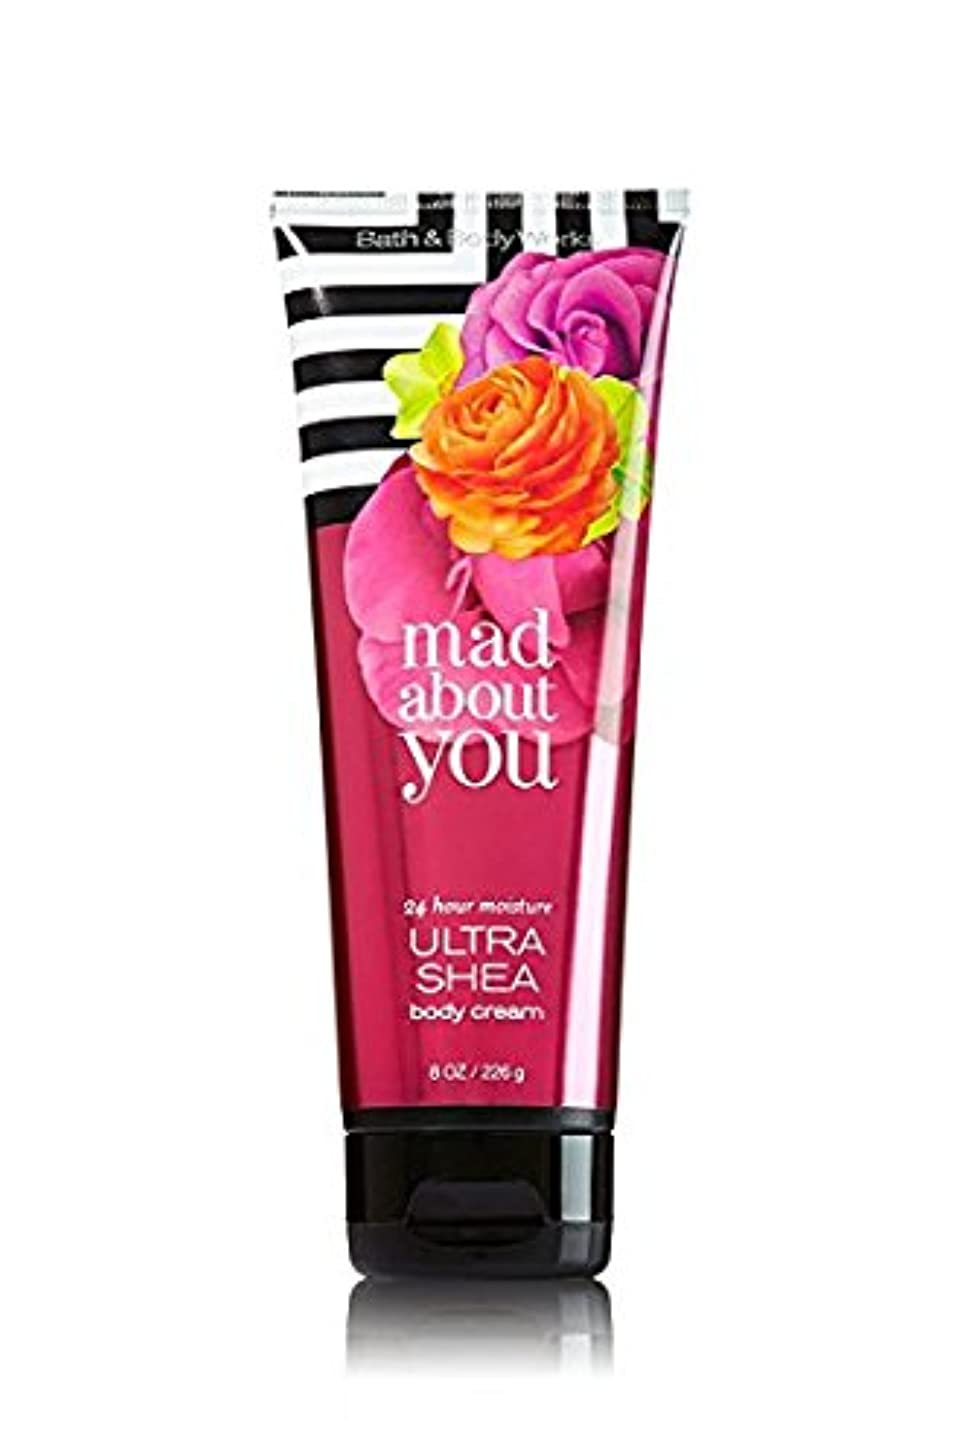 感嘆浜辺入力【Bath&Body Works/バス&ボディワークス】 ボディクリーム マッドアバウトユー Body Cream Mad About You 8 oz / 226 g [並行輸入品]